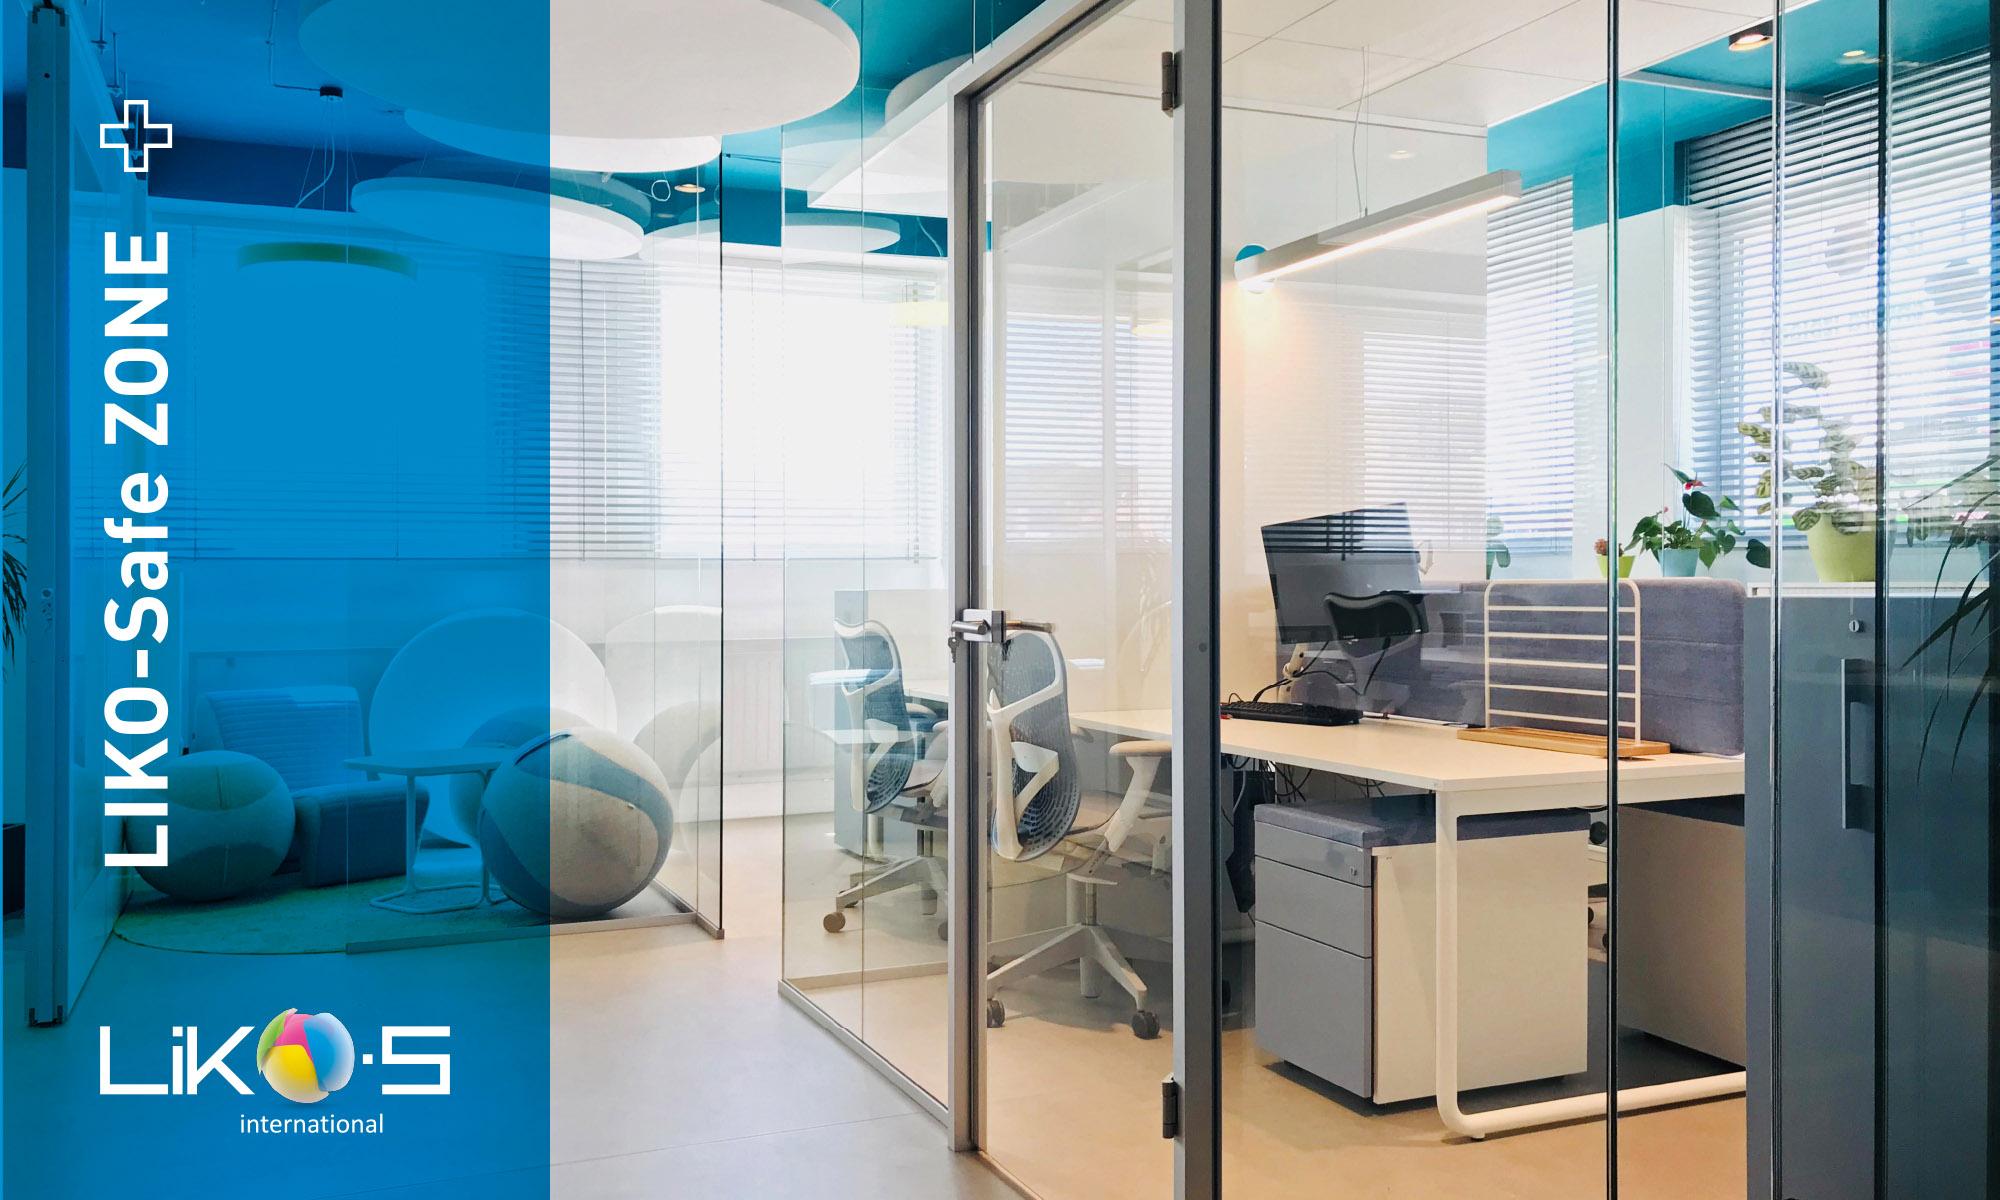 LIKO-Safe ZONE für ein sicheres und gesundes Arbeitsumfeld